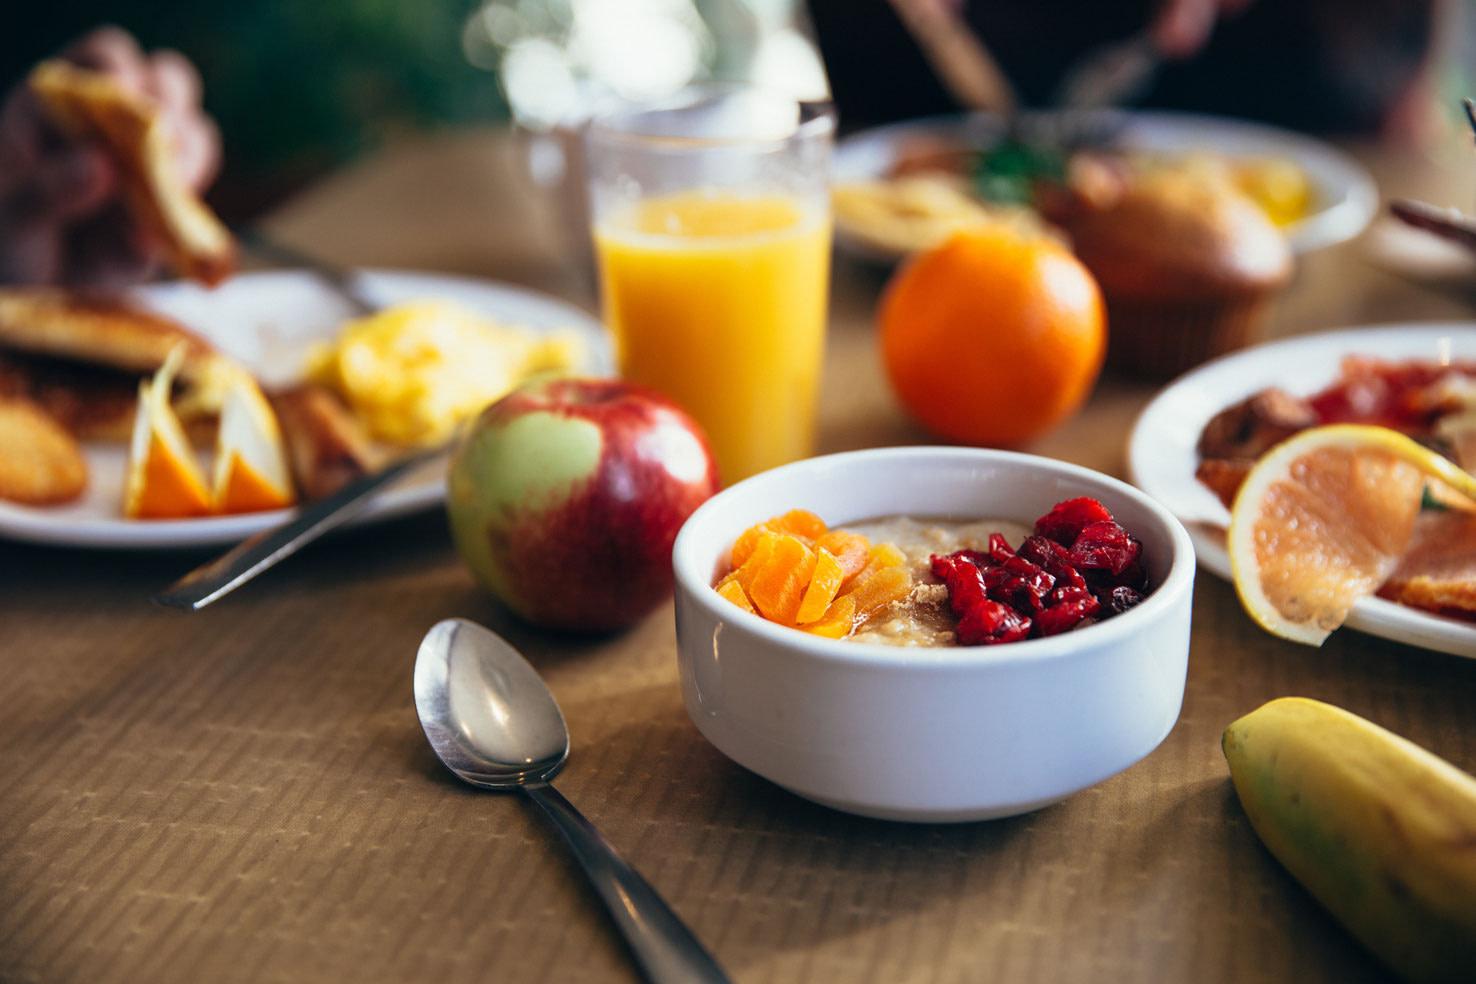 Essen wir uns gesund und werden krank?